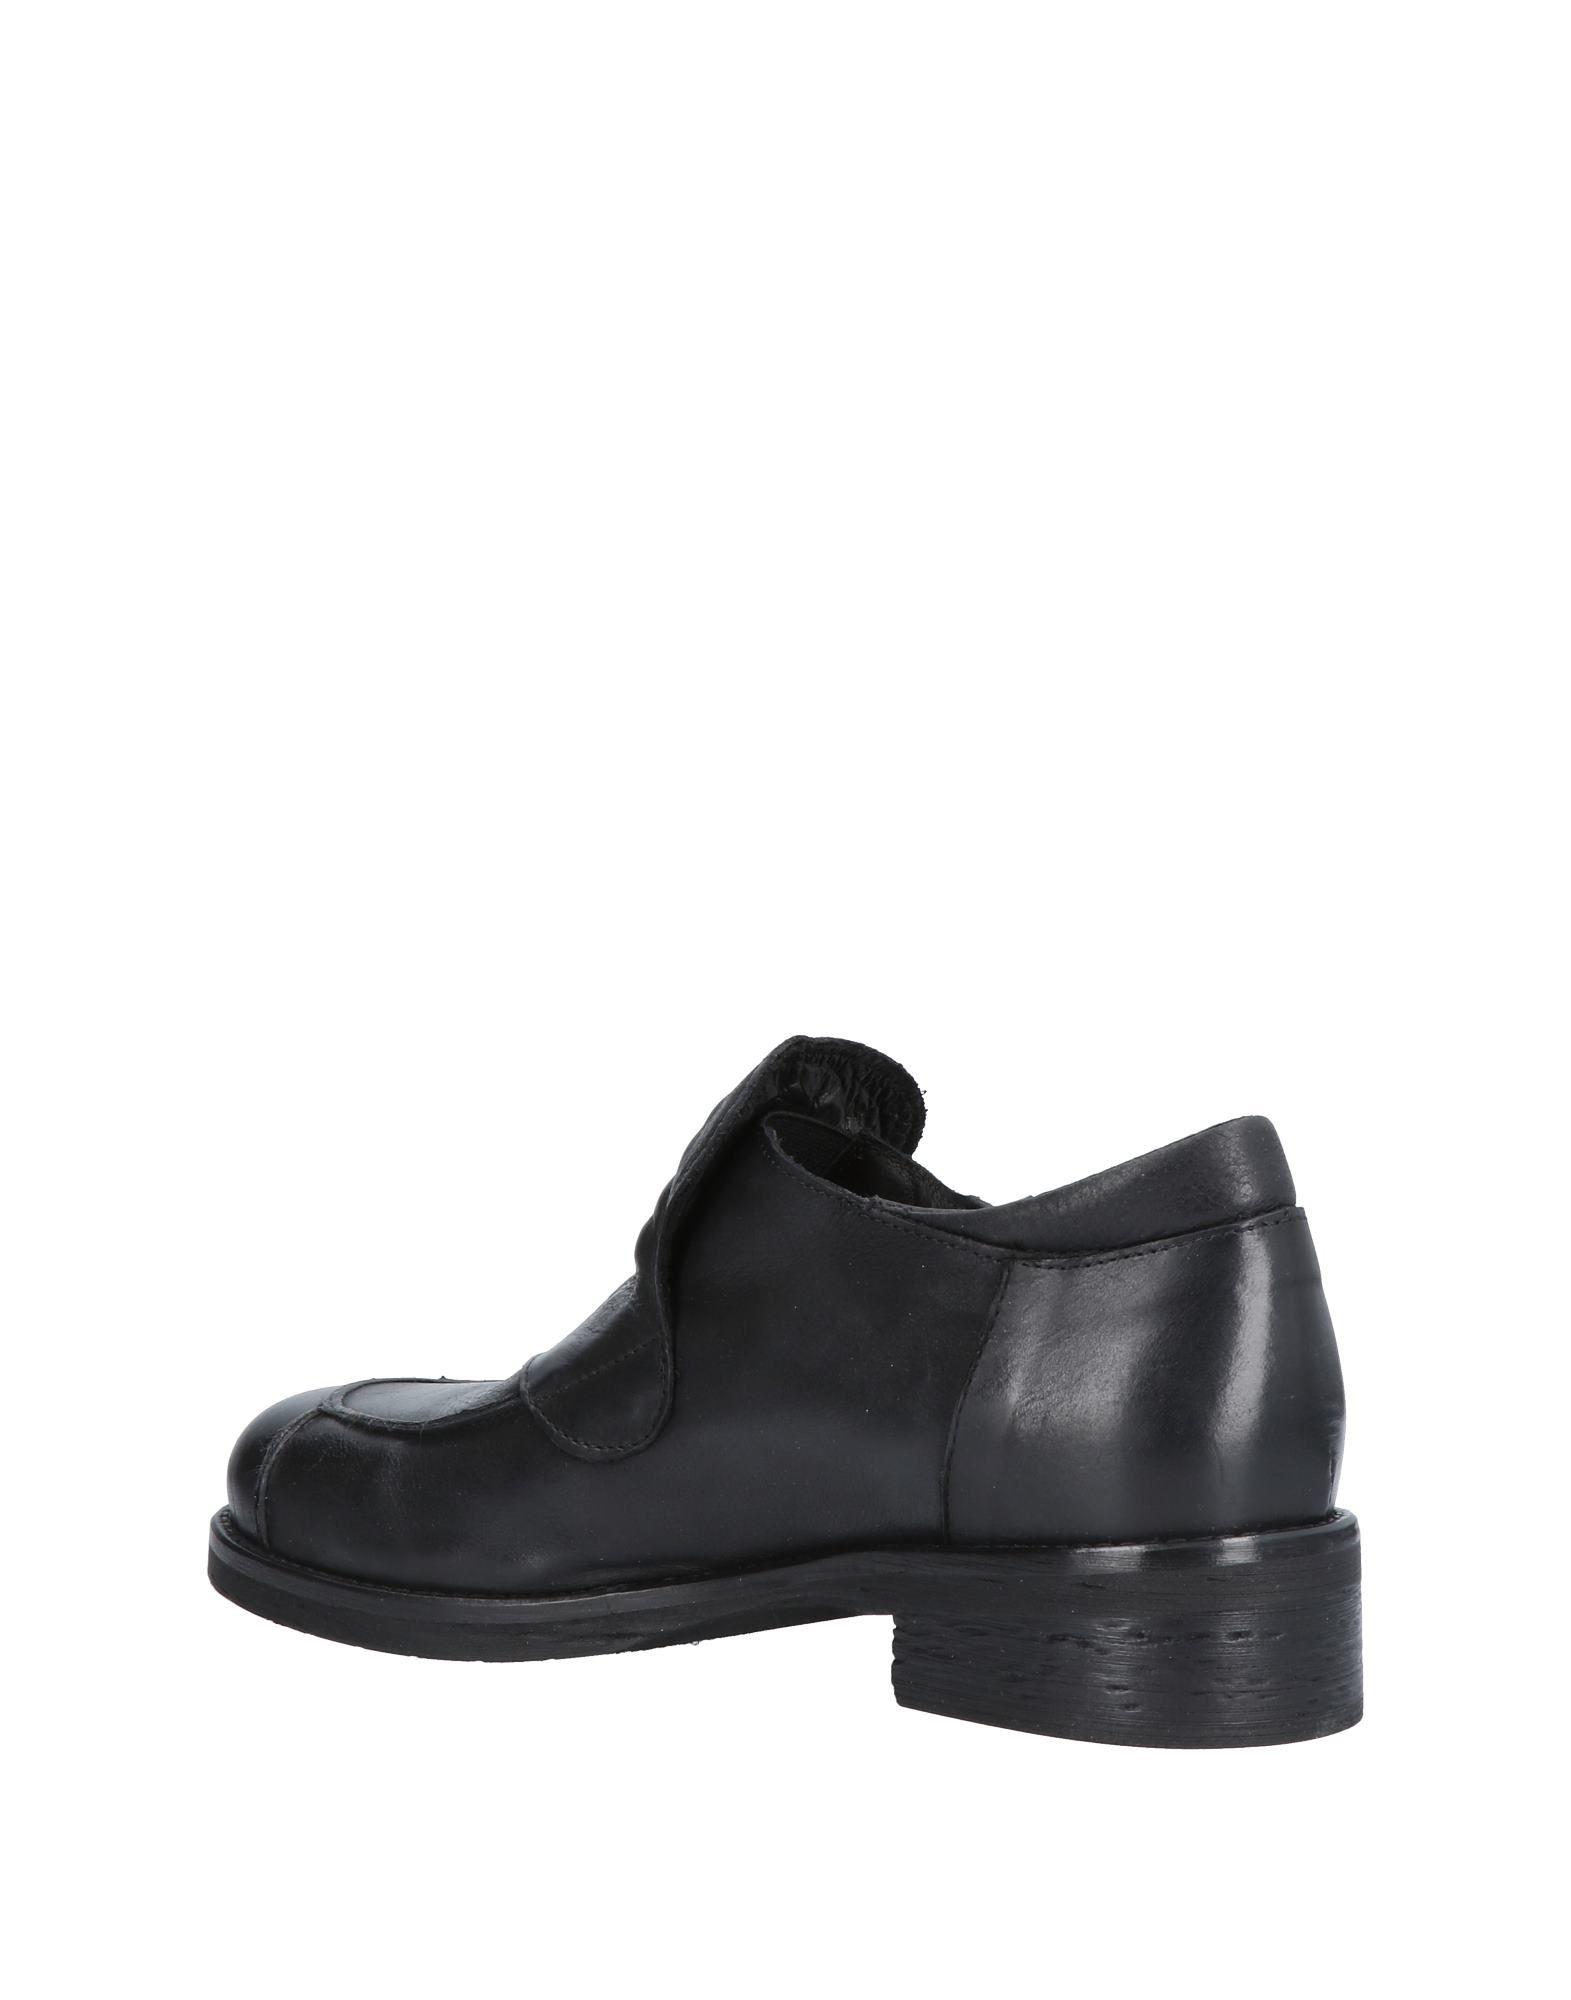 1725.A 11450603AM Mokassins Damen  11450603AM 1725.A Gute Qualität beliebte Schuhe 16a599